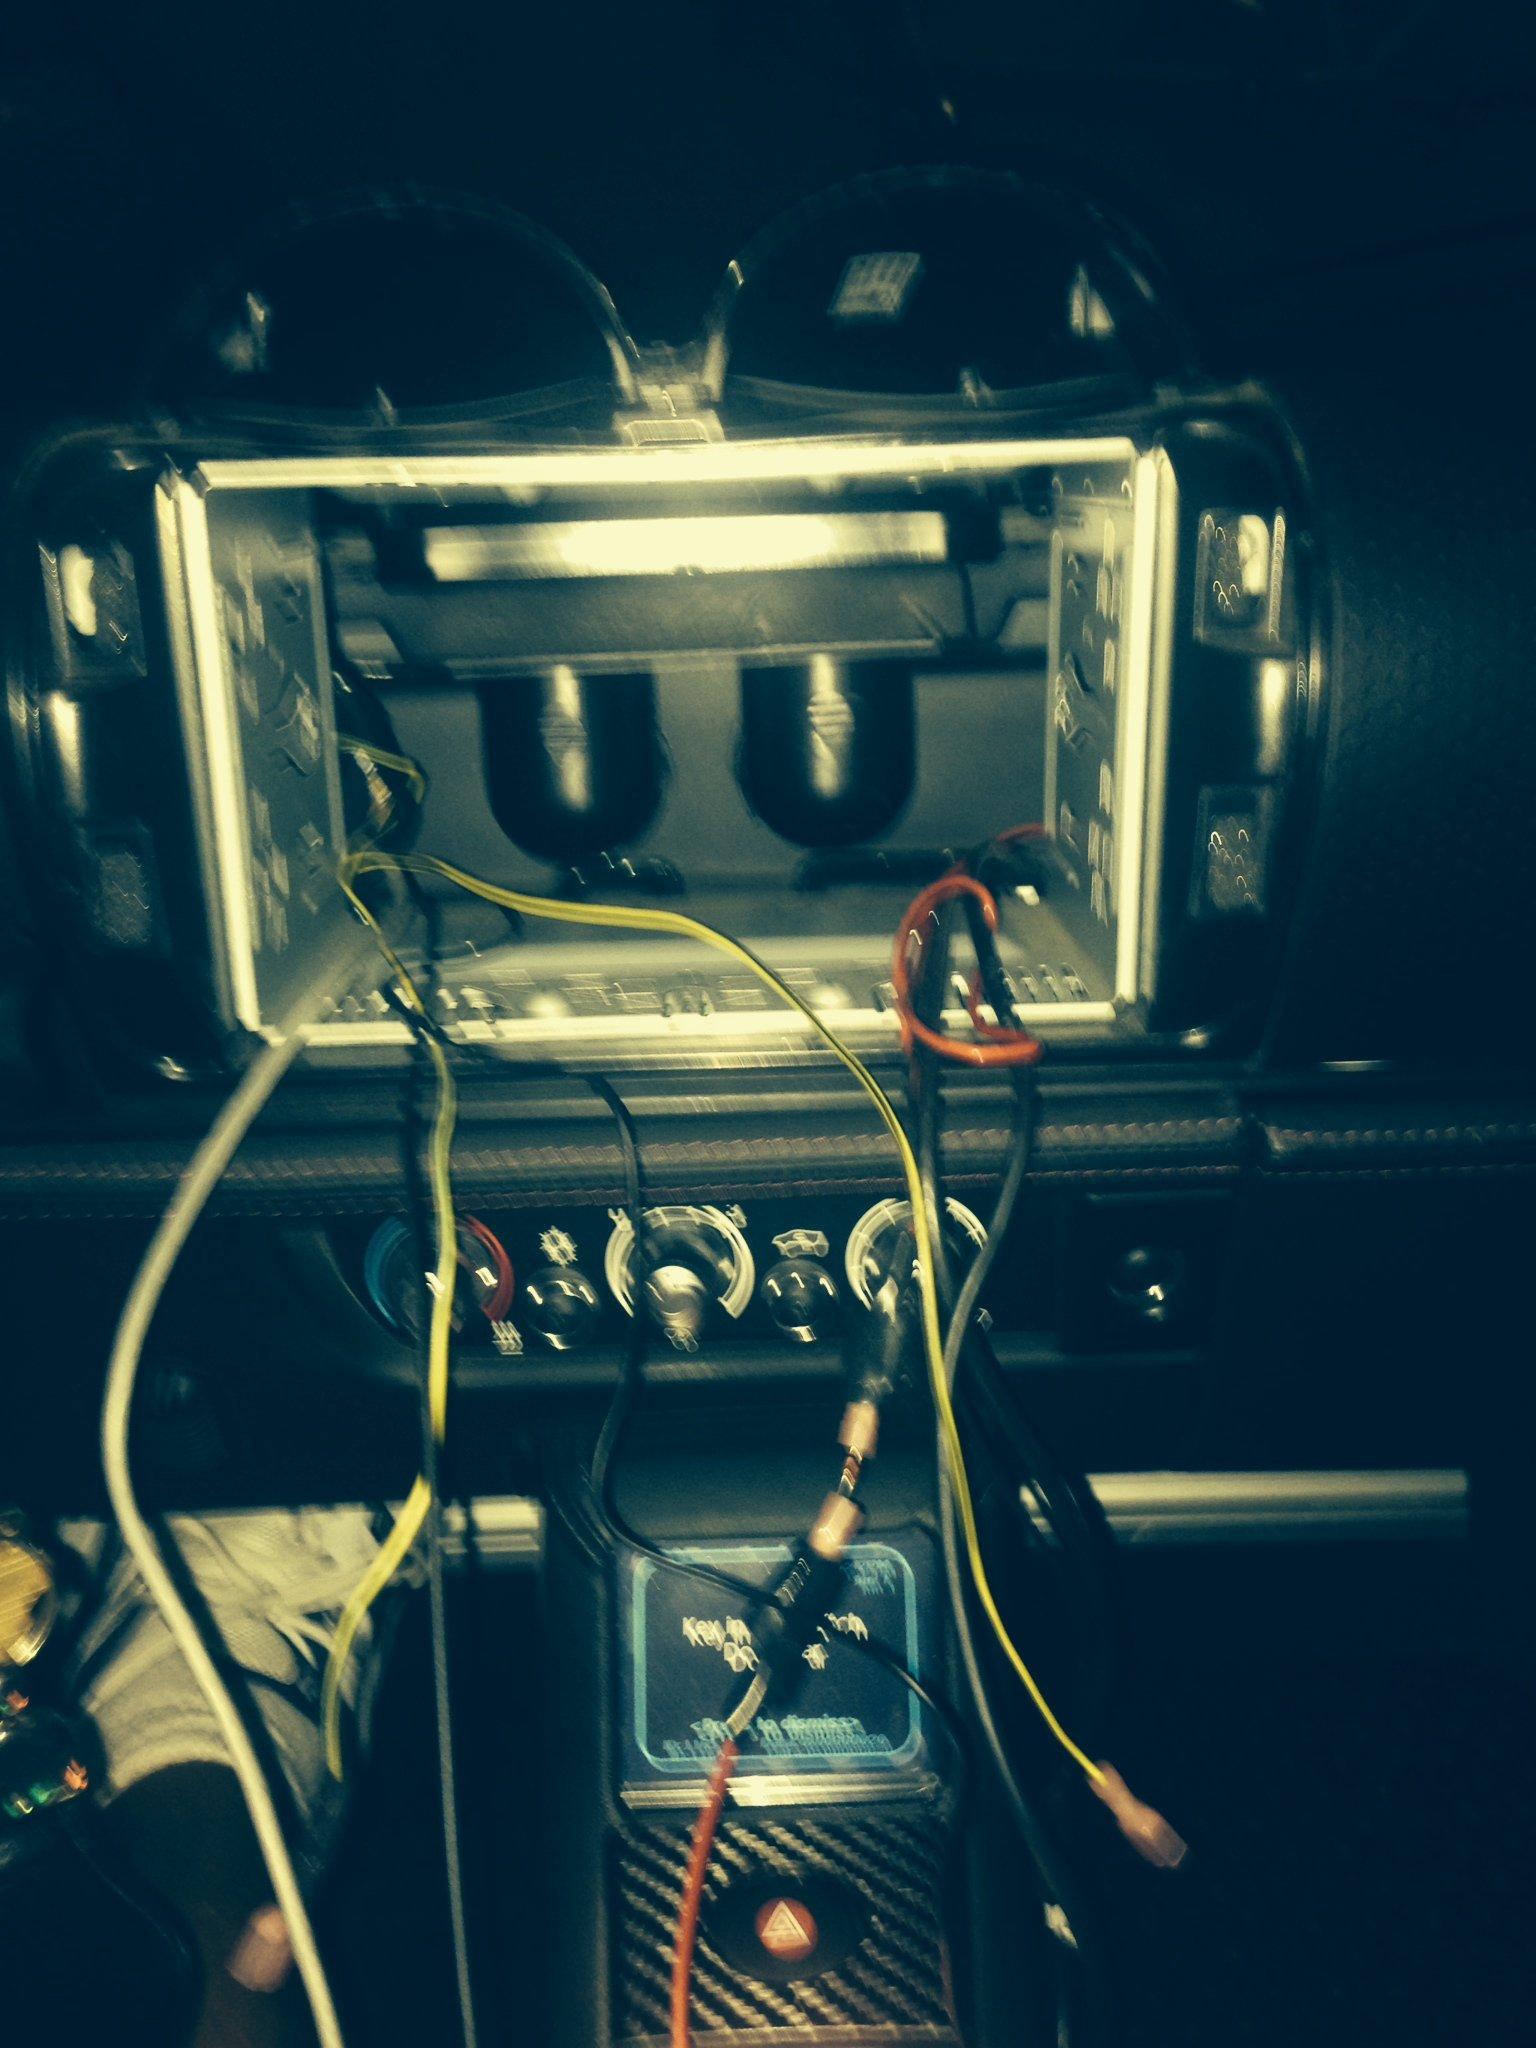 stolen radio.JPG